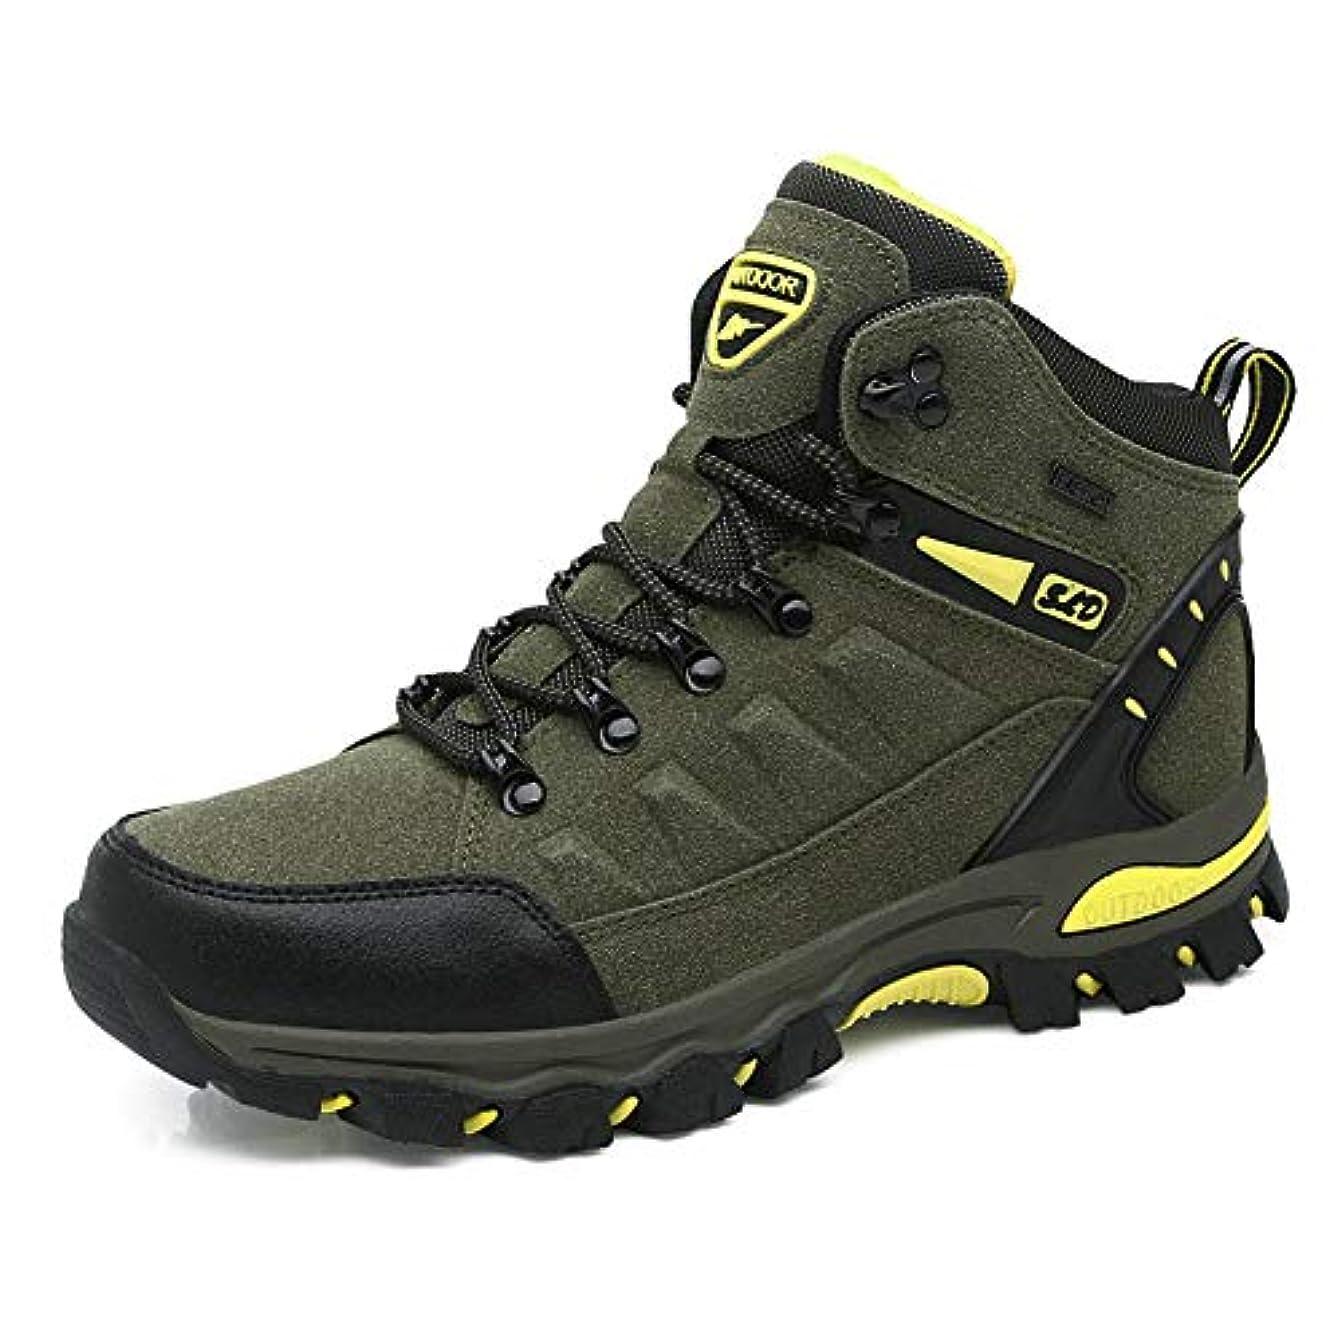 アウター社交的モード[TcIFE] トレッキングシューズ メンズ 防水 防滑 ハイカット 登山靴 大きいサイズ ハイキングシューズ メンズ 耐磨耗 ハイキングシューズ メンズ 通気性 スニーカー